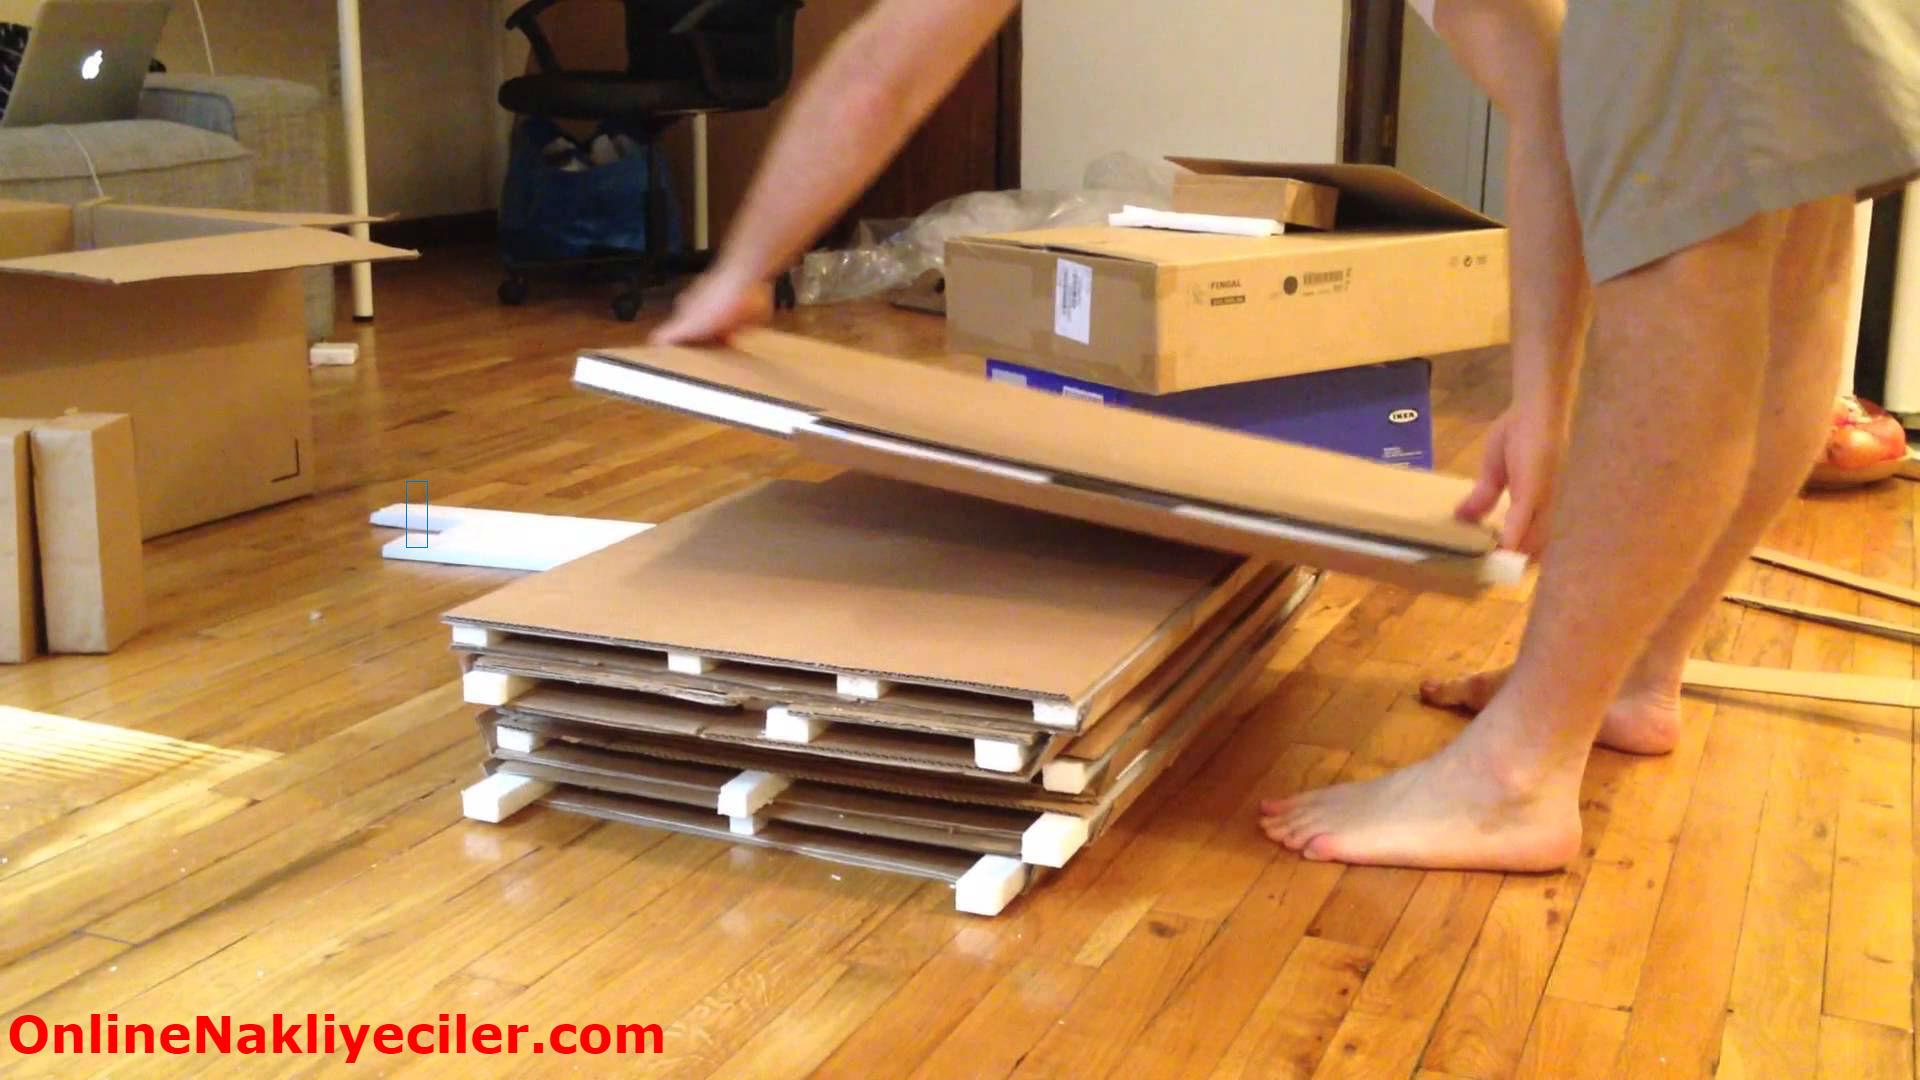 Mobilyalar Nasıl Taşınmalıdır